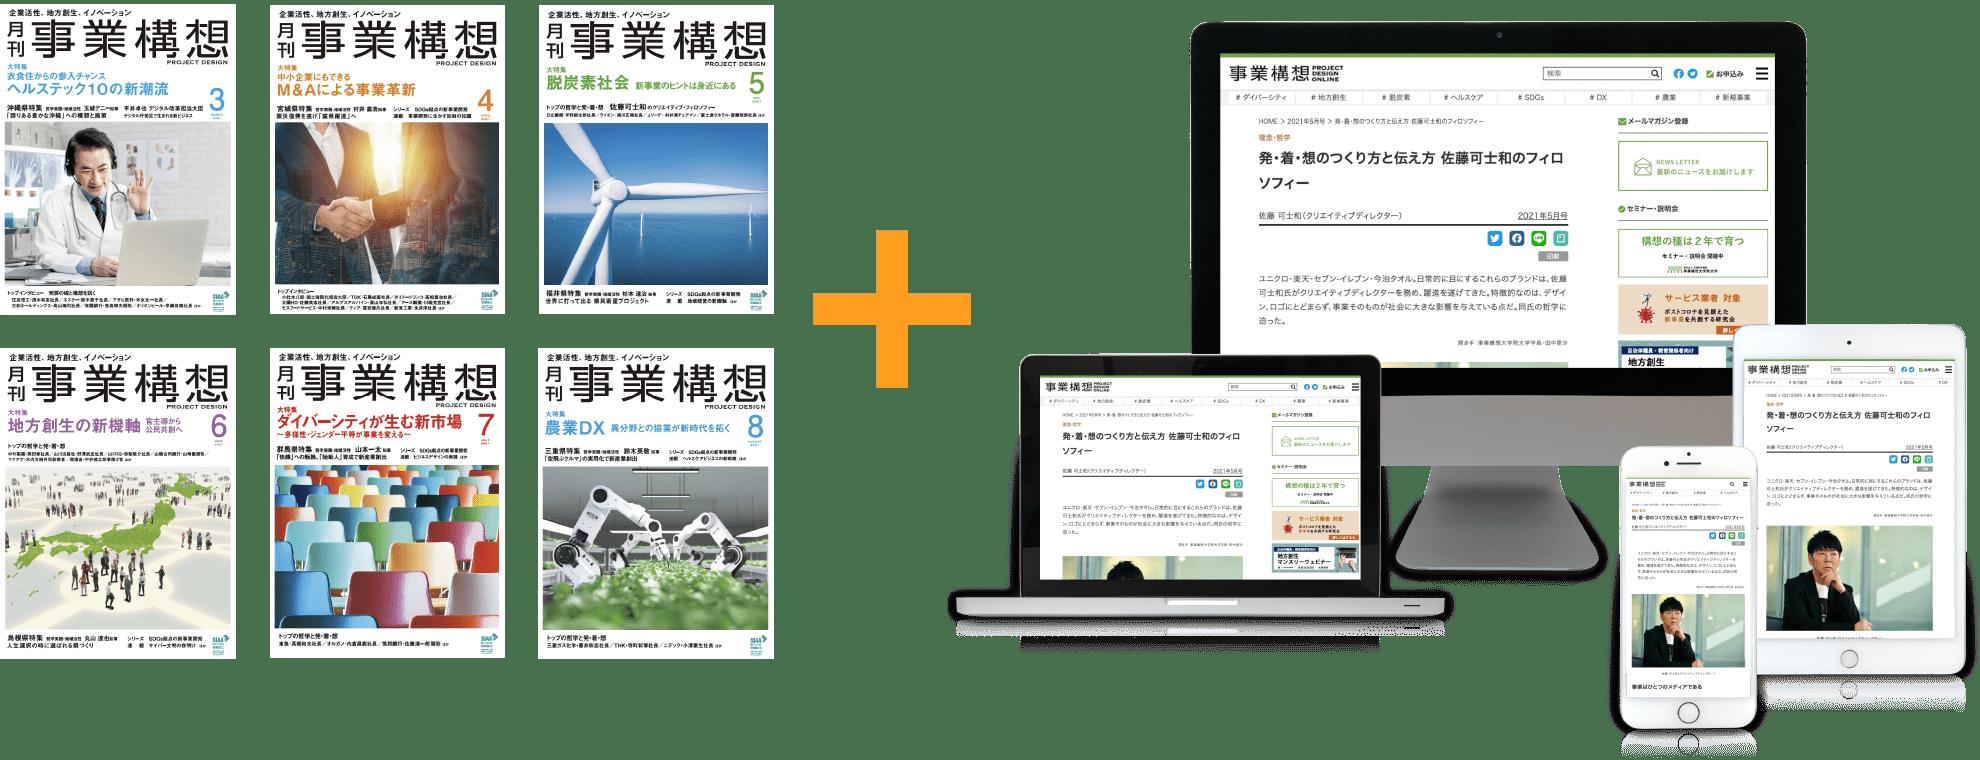 月刊「事業構想」冊子とオンライン版